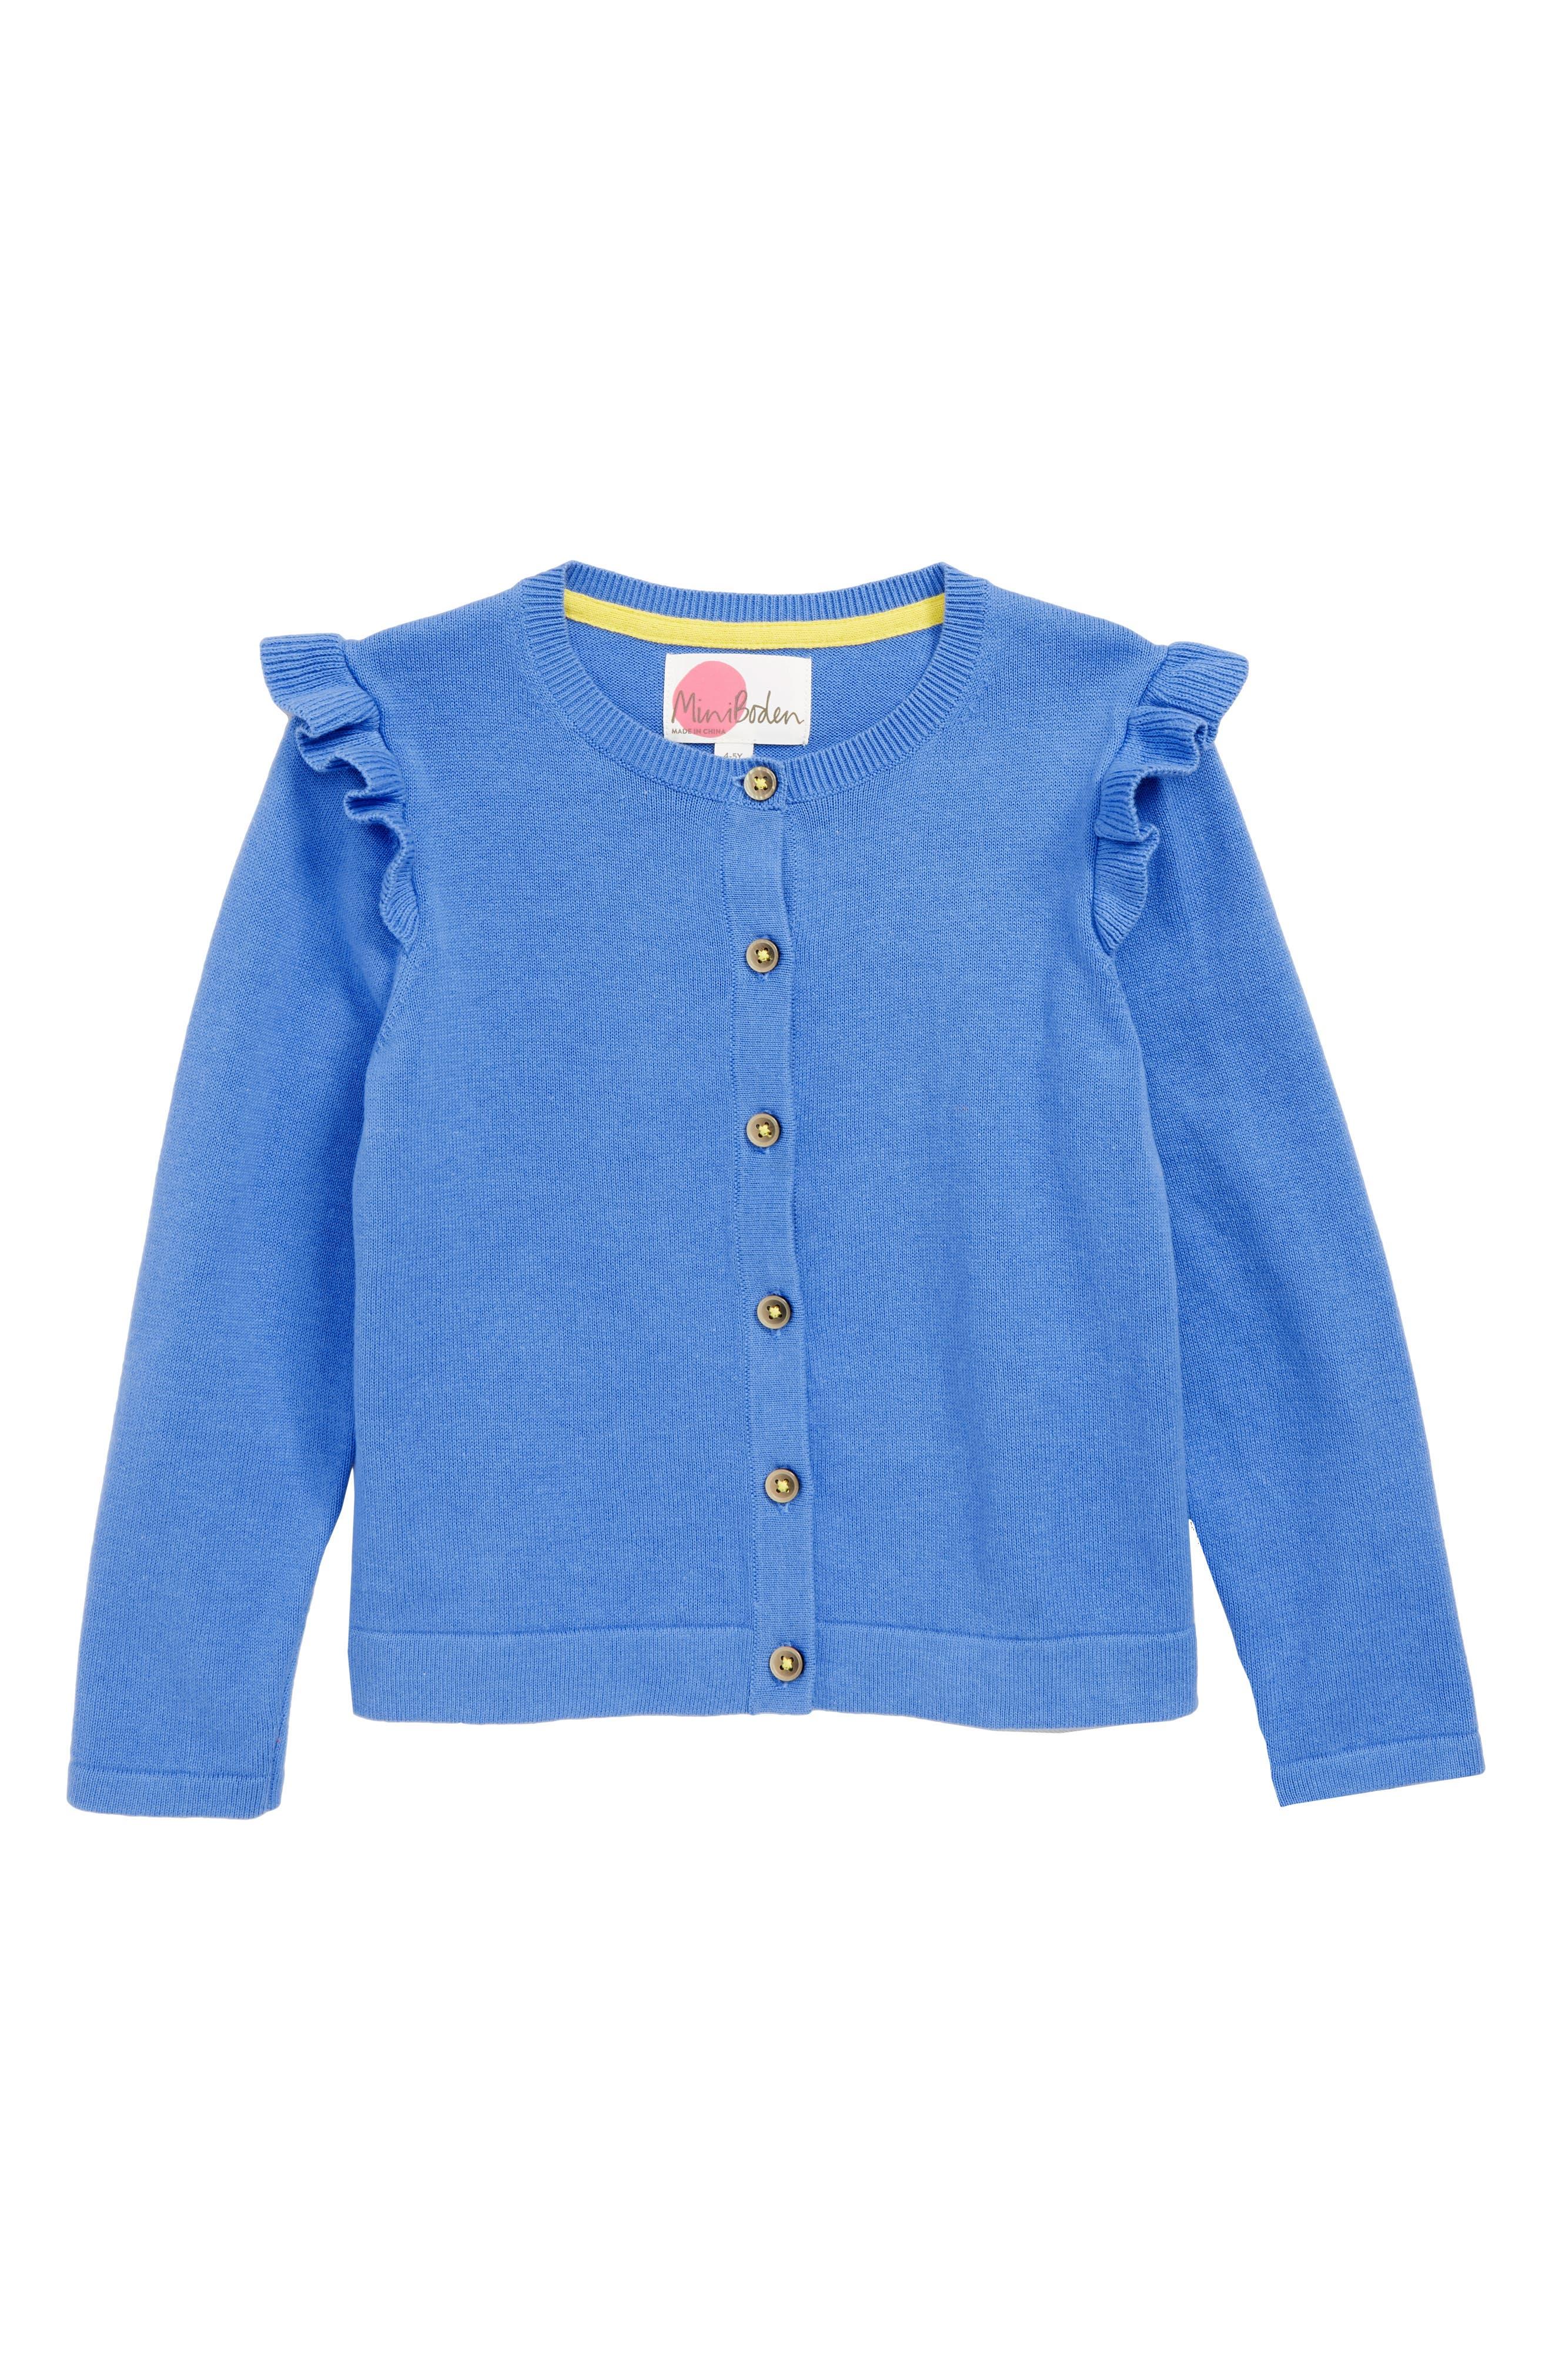 Girls Mini Boden Pretty Cardigan Size 78Y  Blue